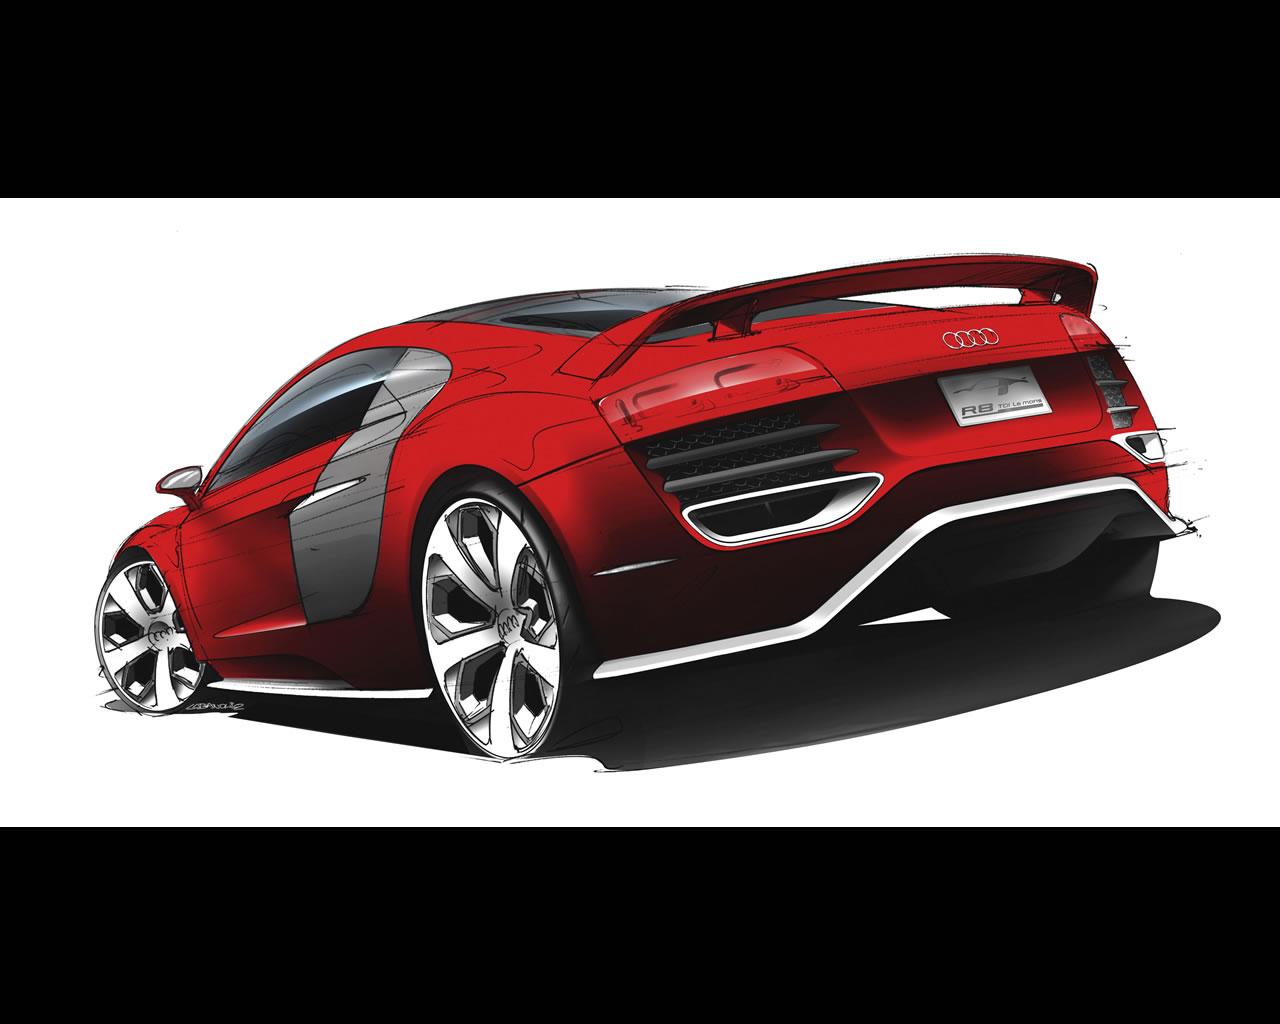 Audi R8 Tdi Le Mans Concept Audi R8 Tdi Le Mans Concept